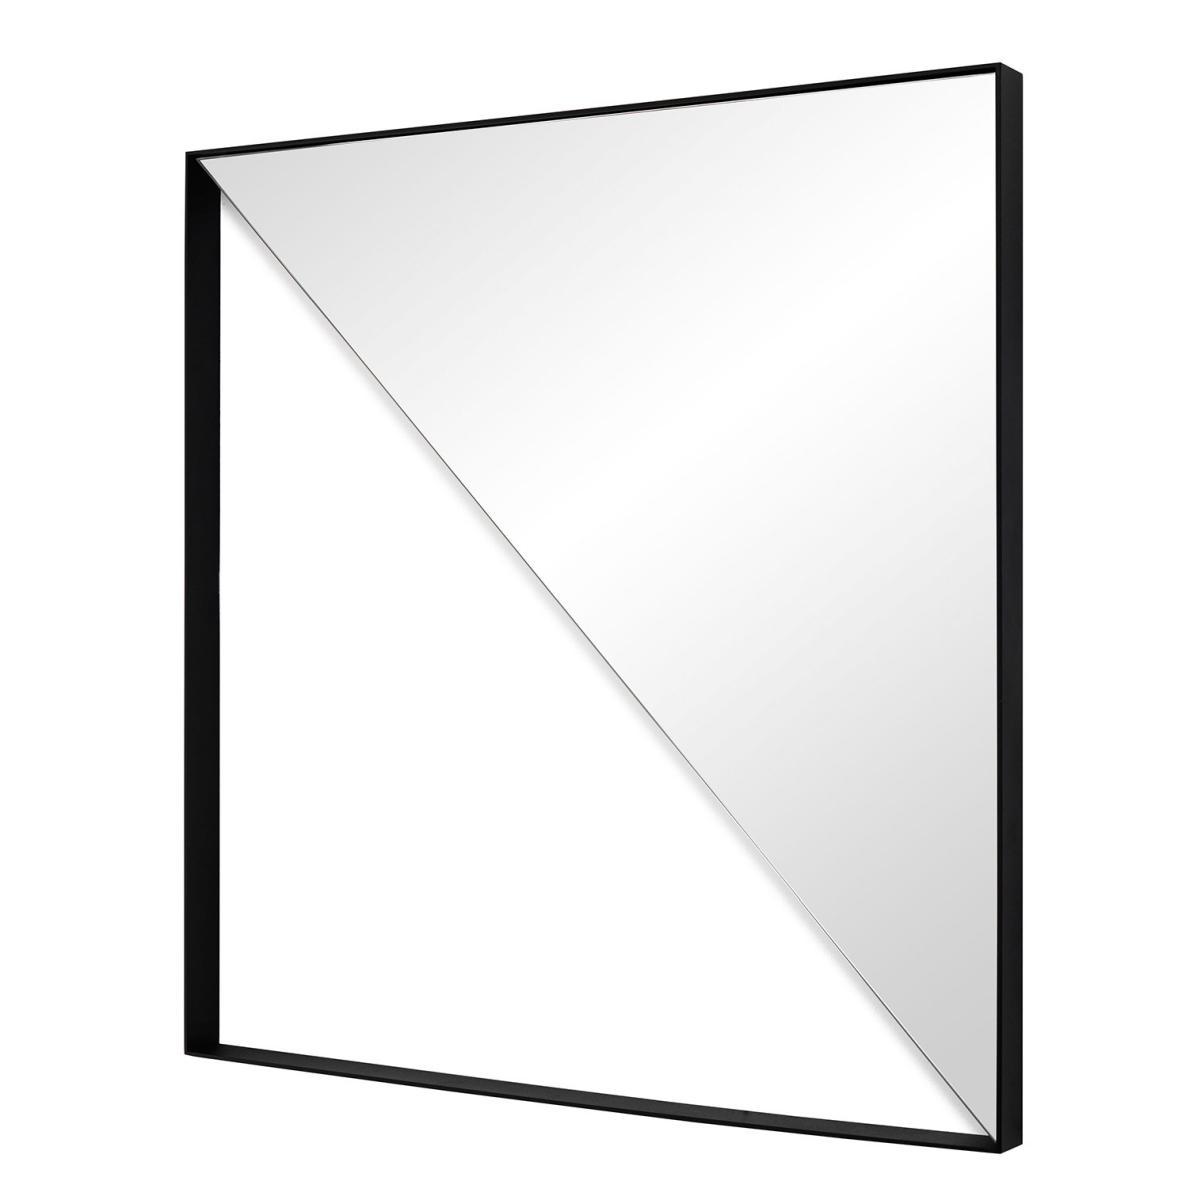 GEO Wandspiegel Dreieck, Seitenansicht